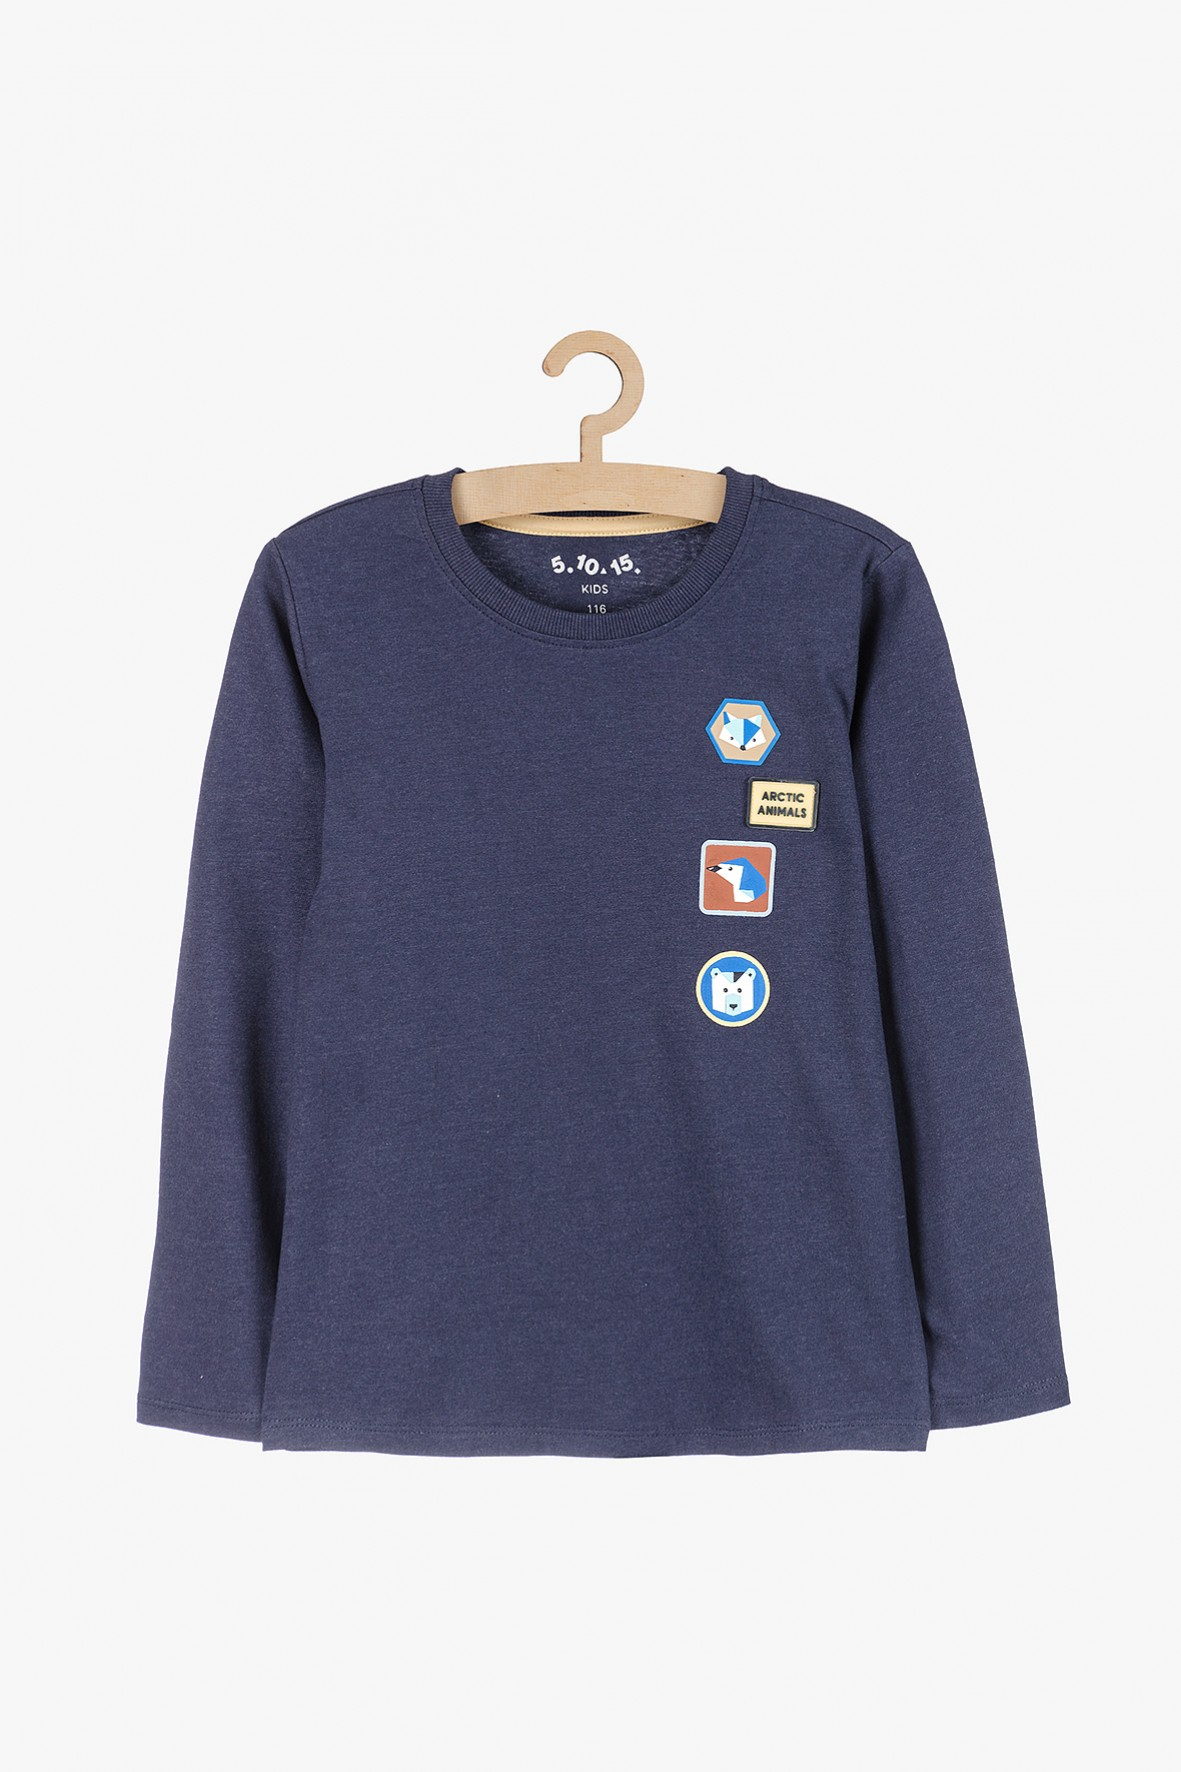 Granatowa bluzka dla chłopca z ozdobnymi naszywkami